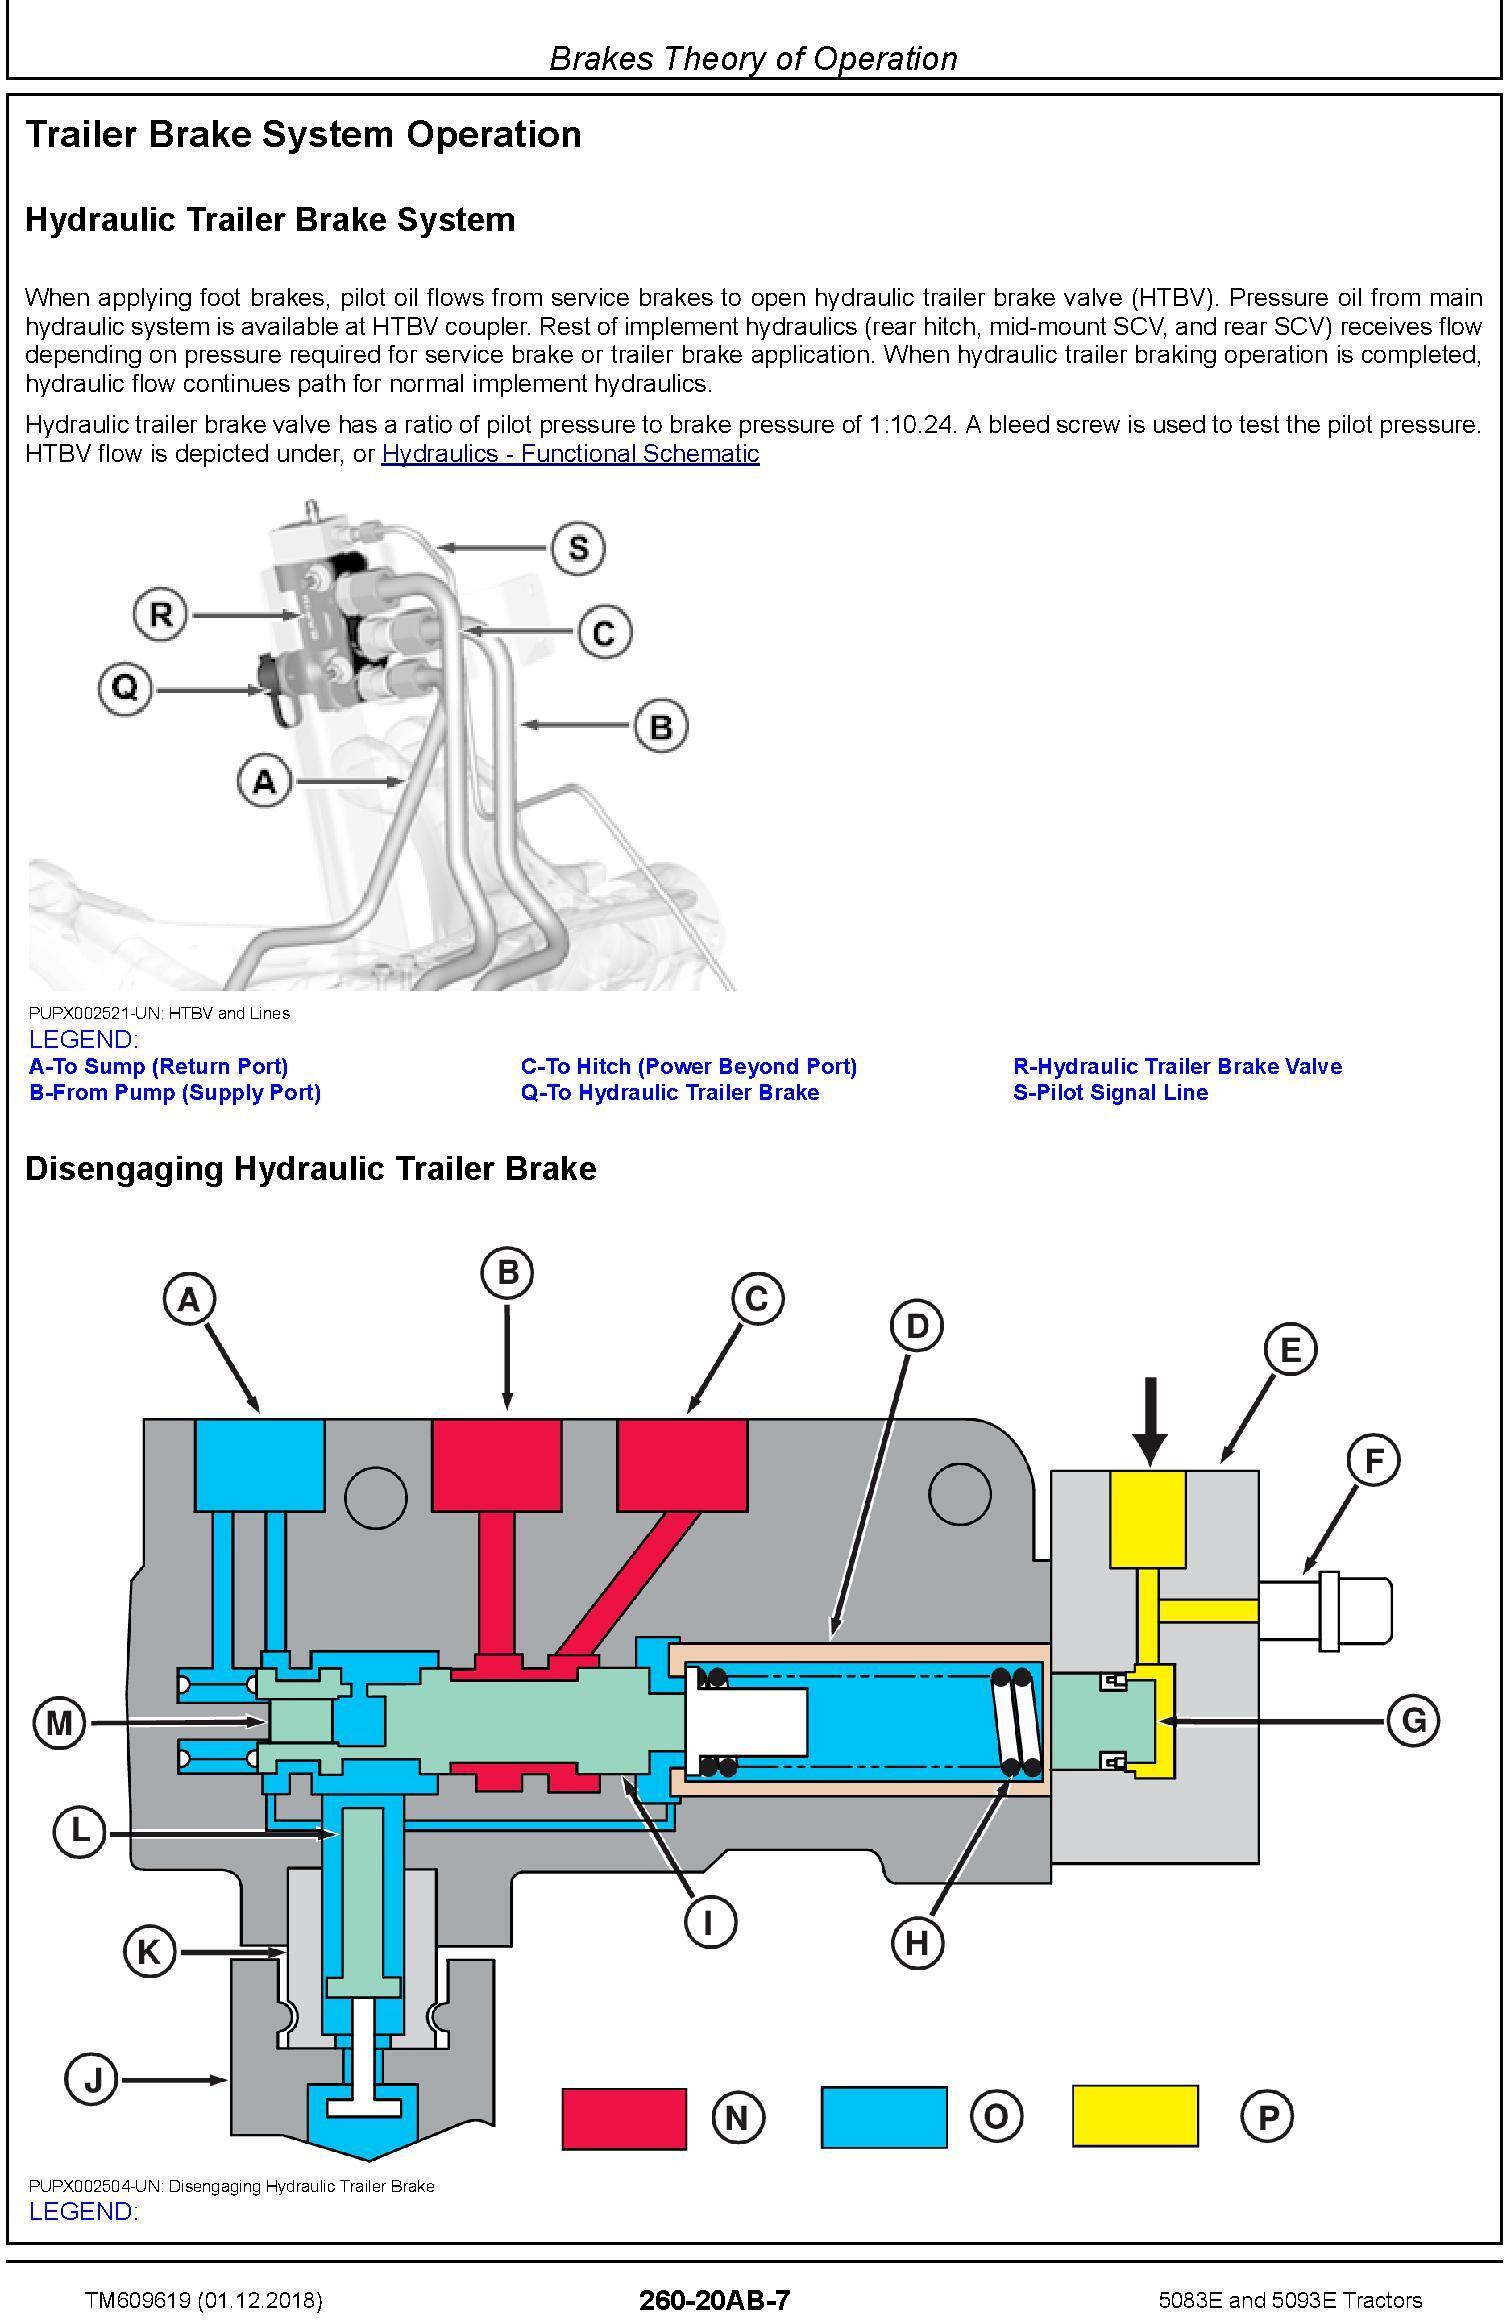 John Deere 5083E and 5093E Tractors Diagnostic Technical Service Manual (TM609619) - 2